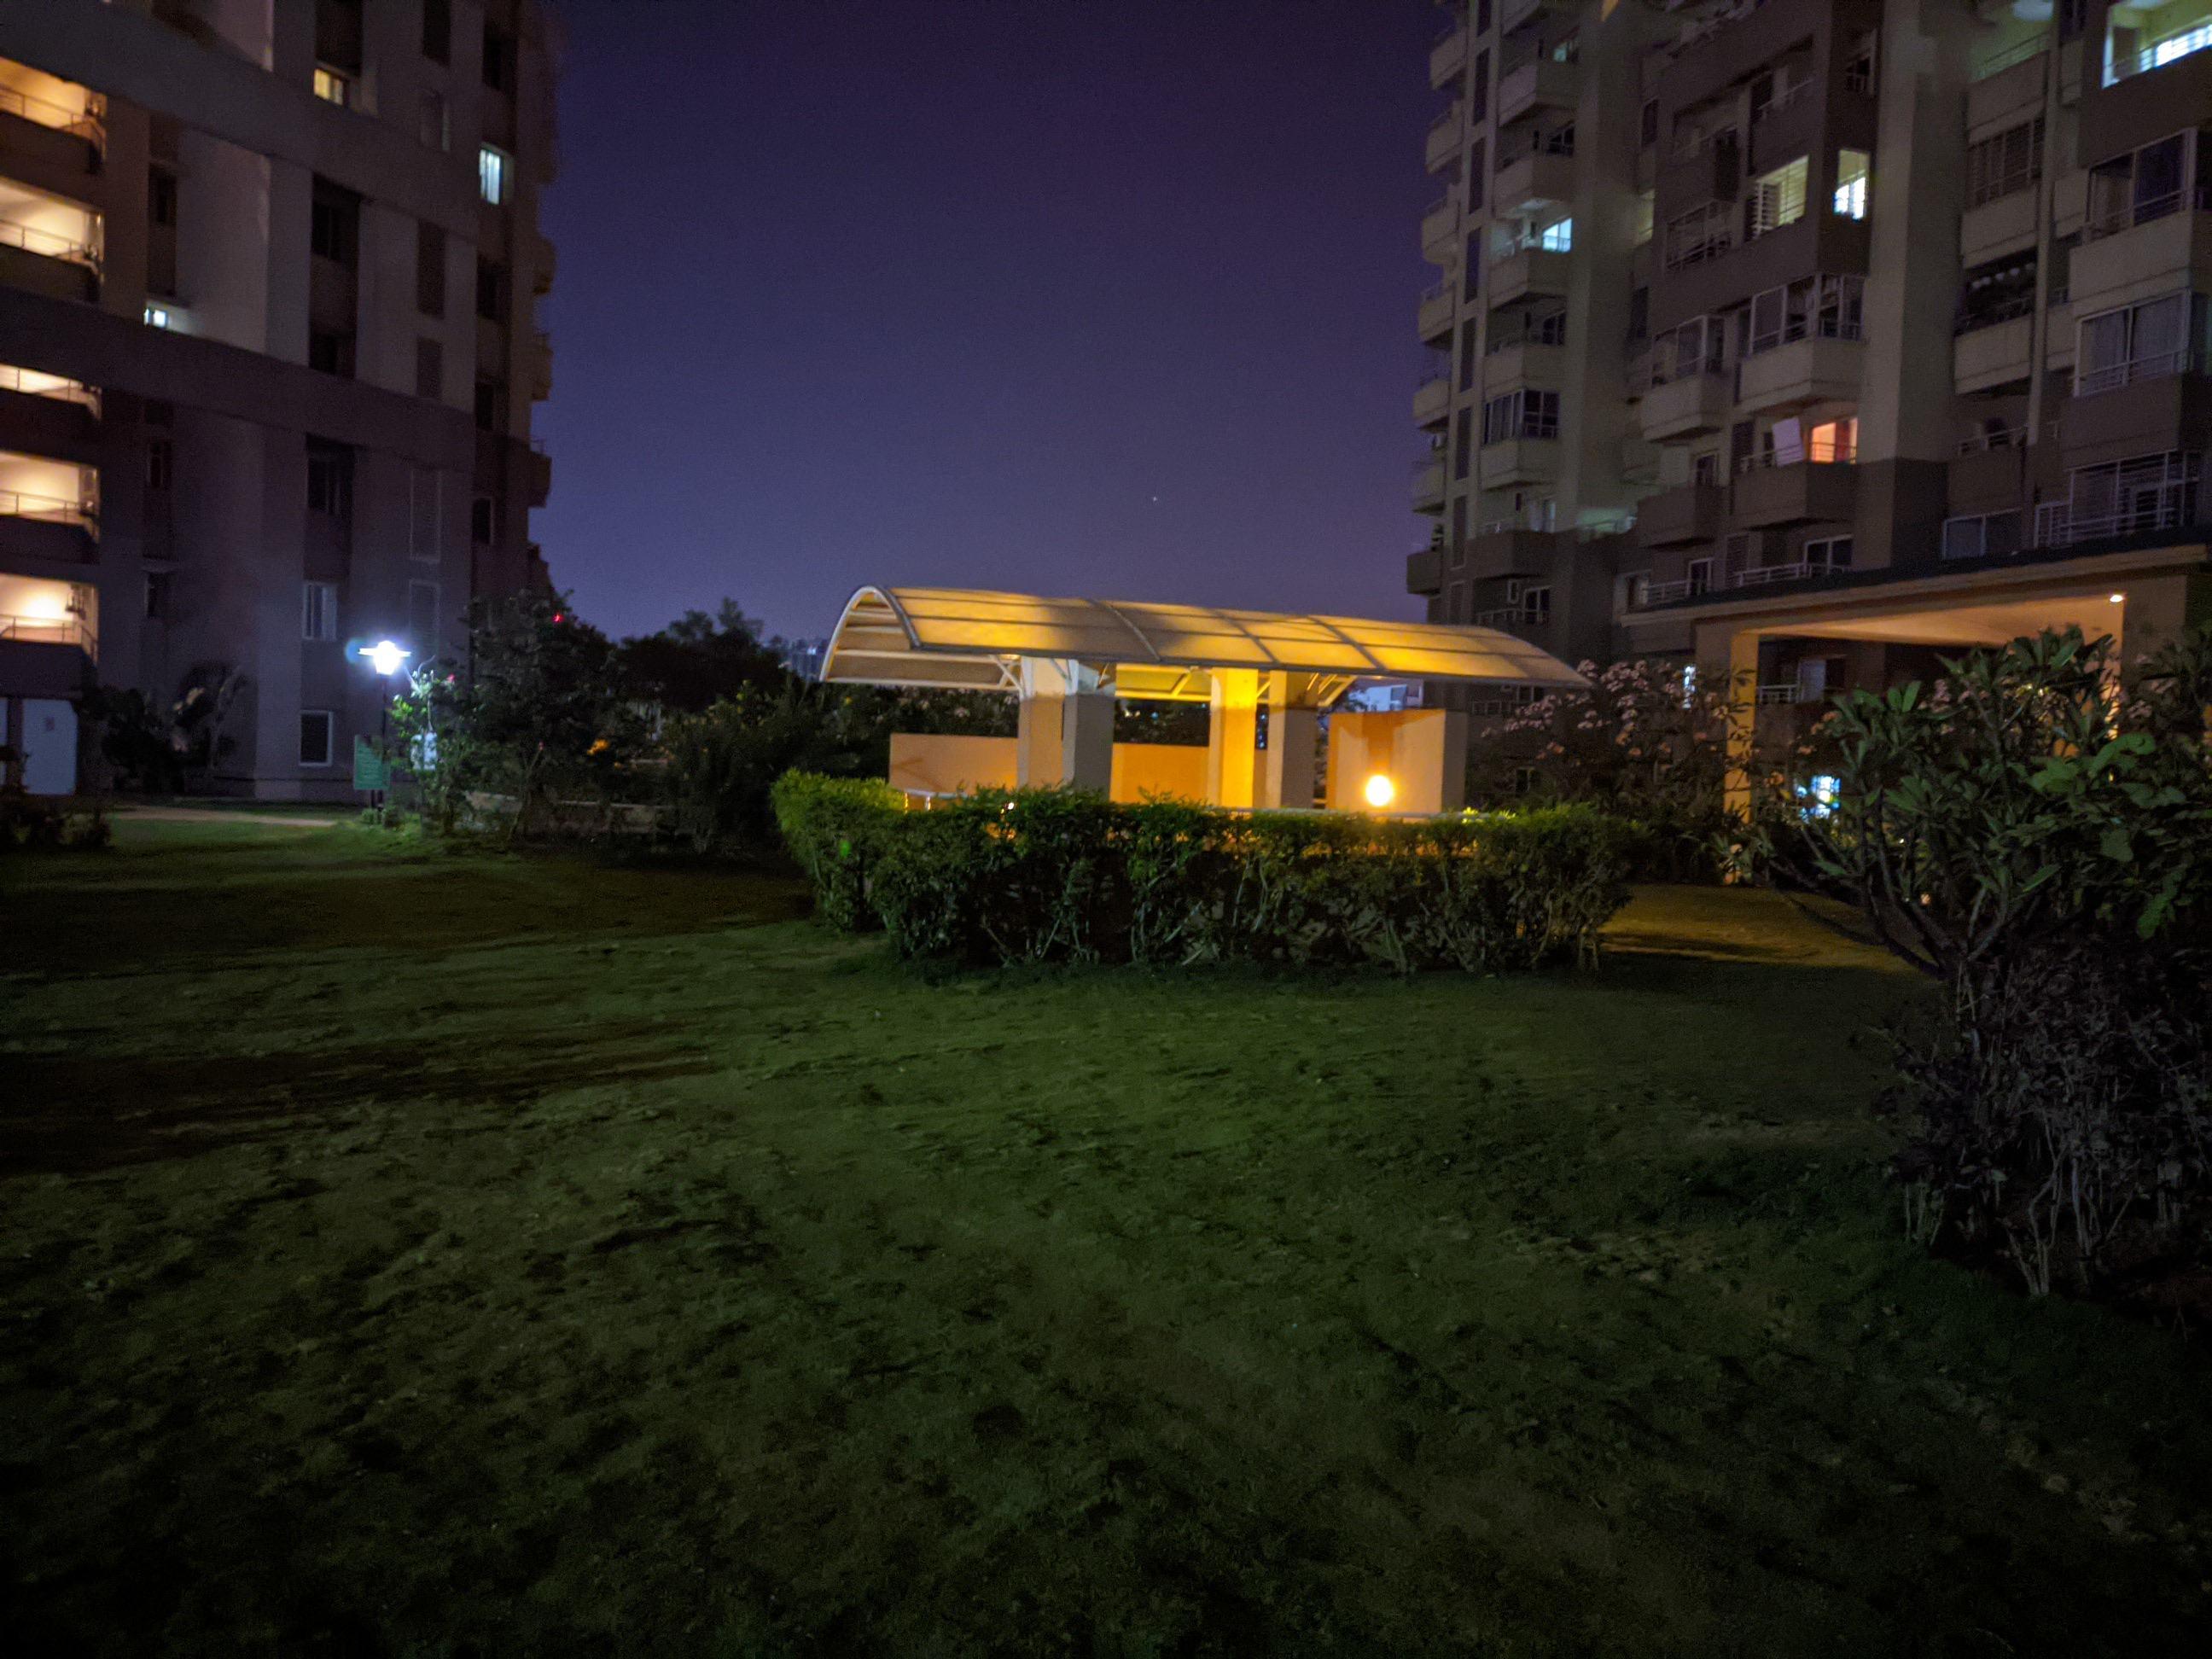 Nokia 5.4 Google Cam low-light